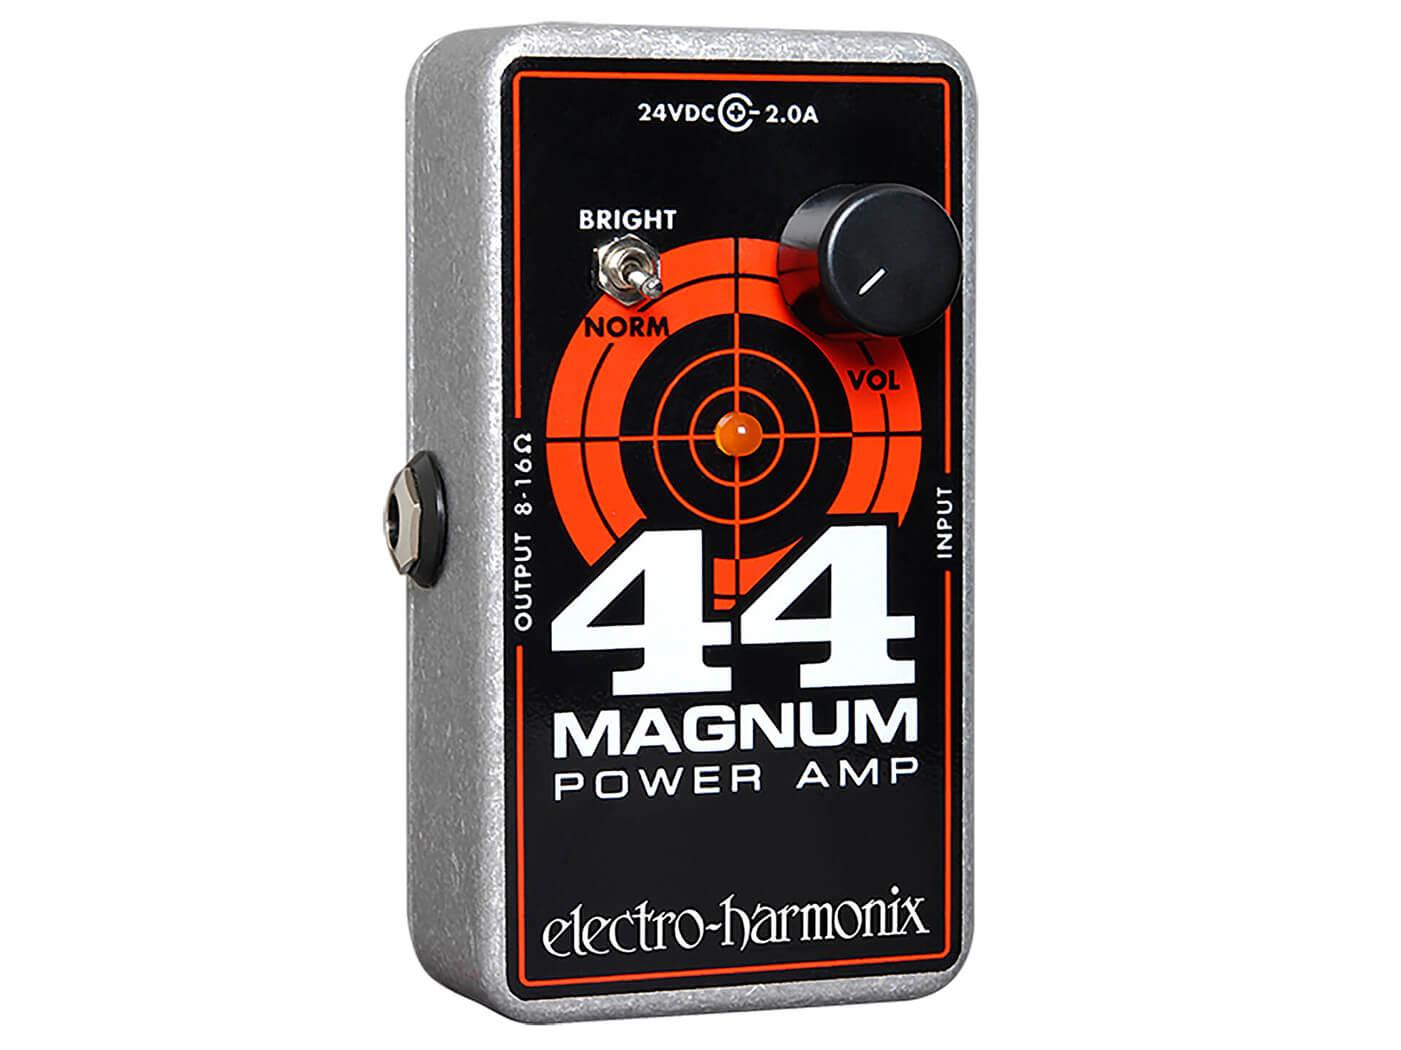 ehx 44 magnum